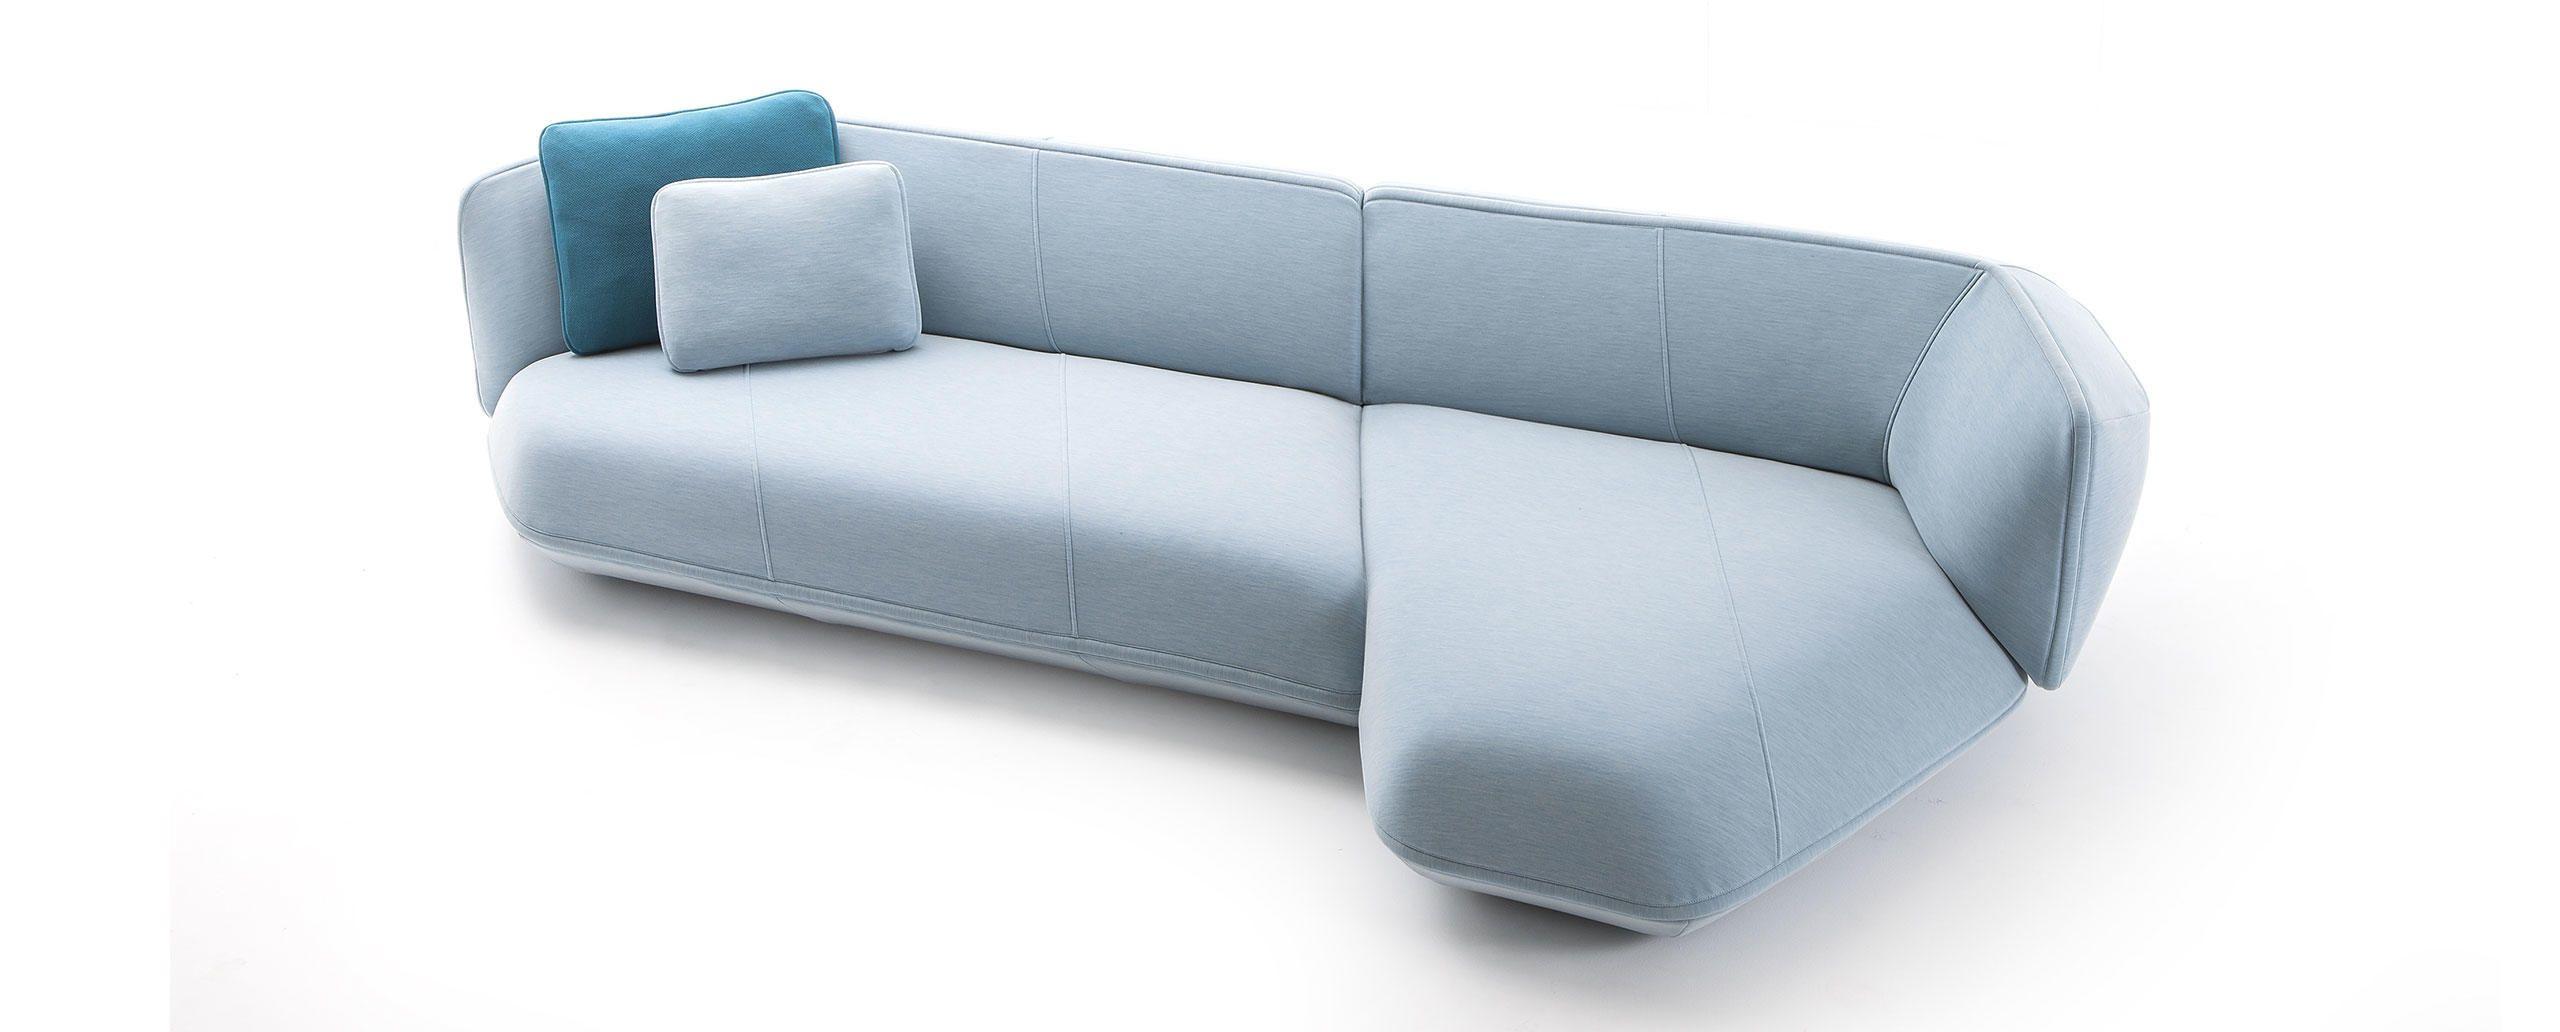 552 Floe Insel Italian Luxury Furniture In Dubai And Middle East Poltrona Frau Group Me Sofa Patricia Urquiola Furniture